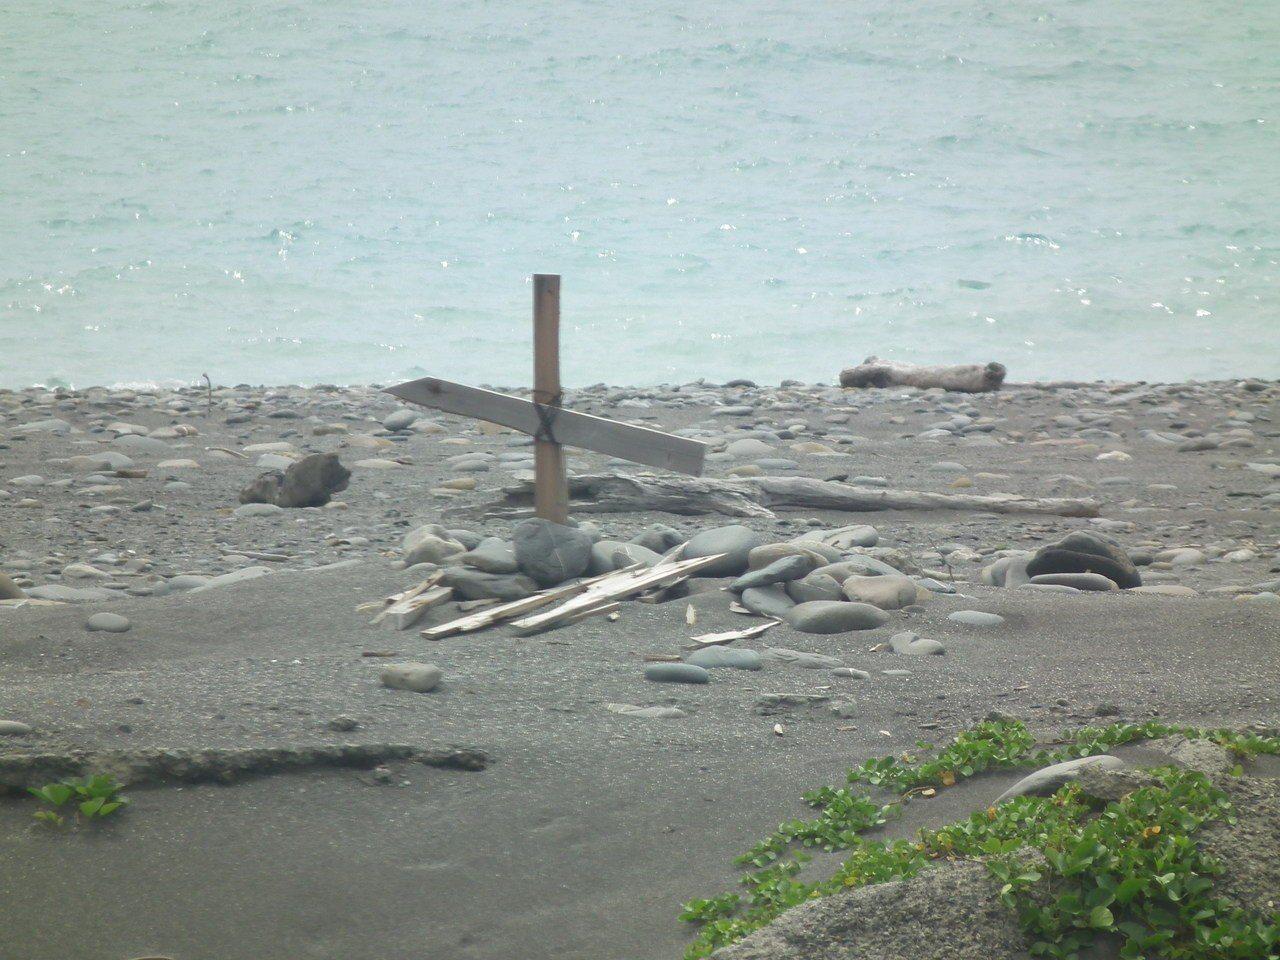 尚武海濱公園沙灘上確實已經看不到陽台作品,只剩下木製的殘塊,並有人刻意在現場立起...